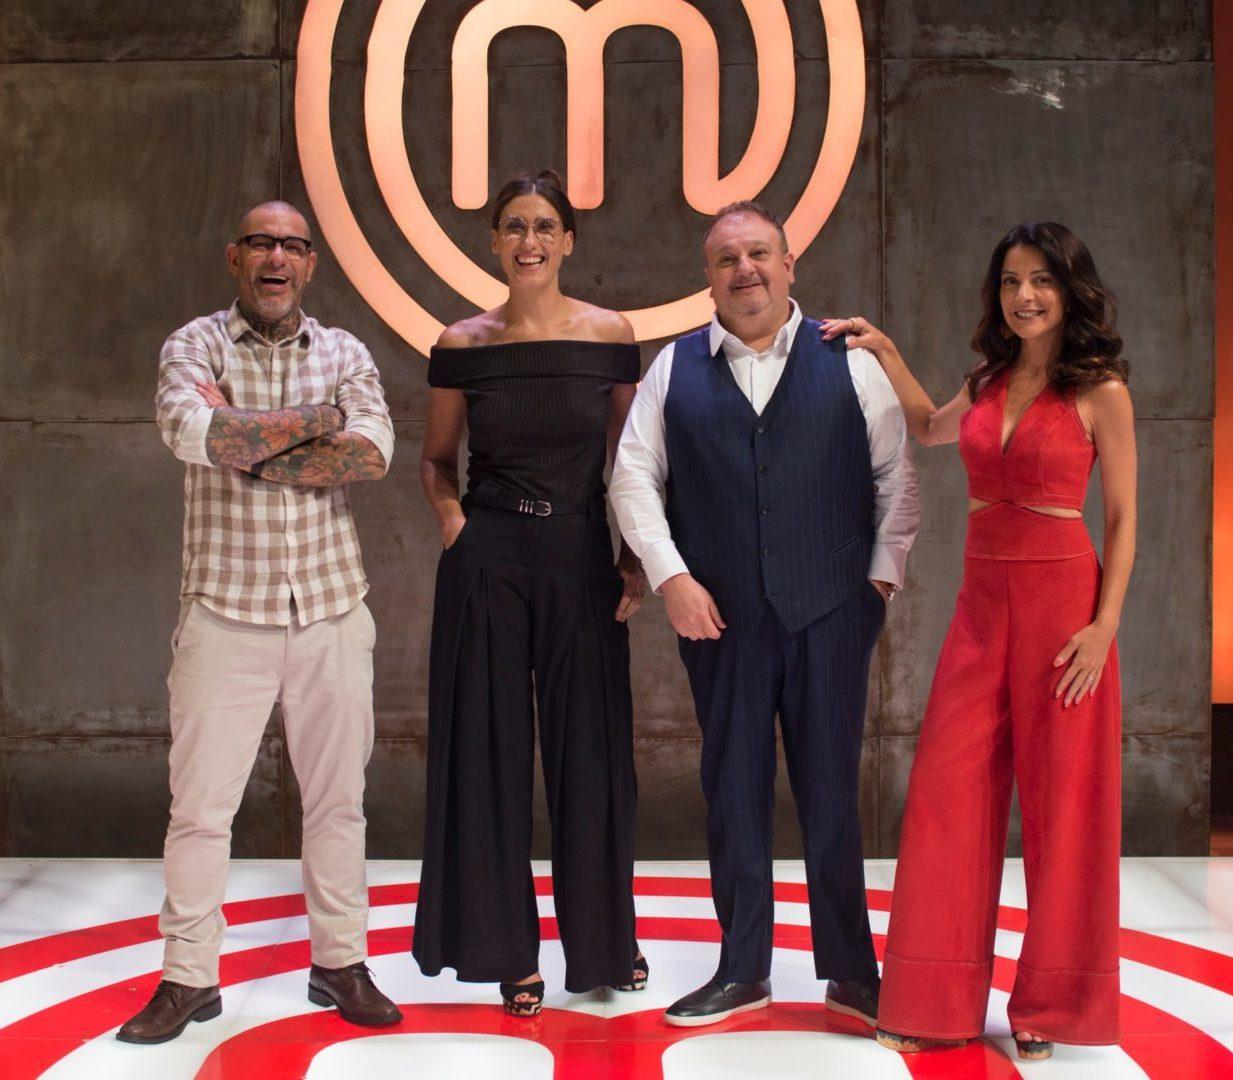 Os jurados e a apresentadora da nova temporada do MasterChef Brasil (Foto: Reprodução)